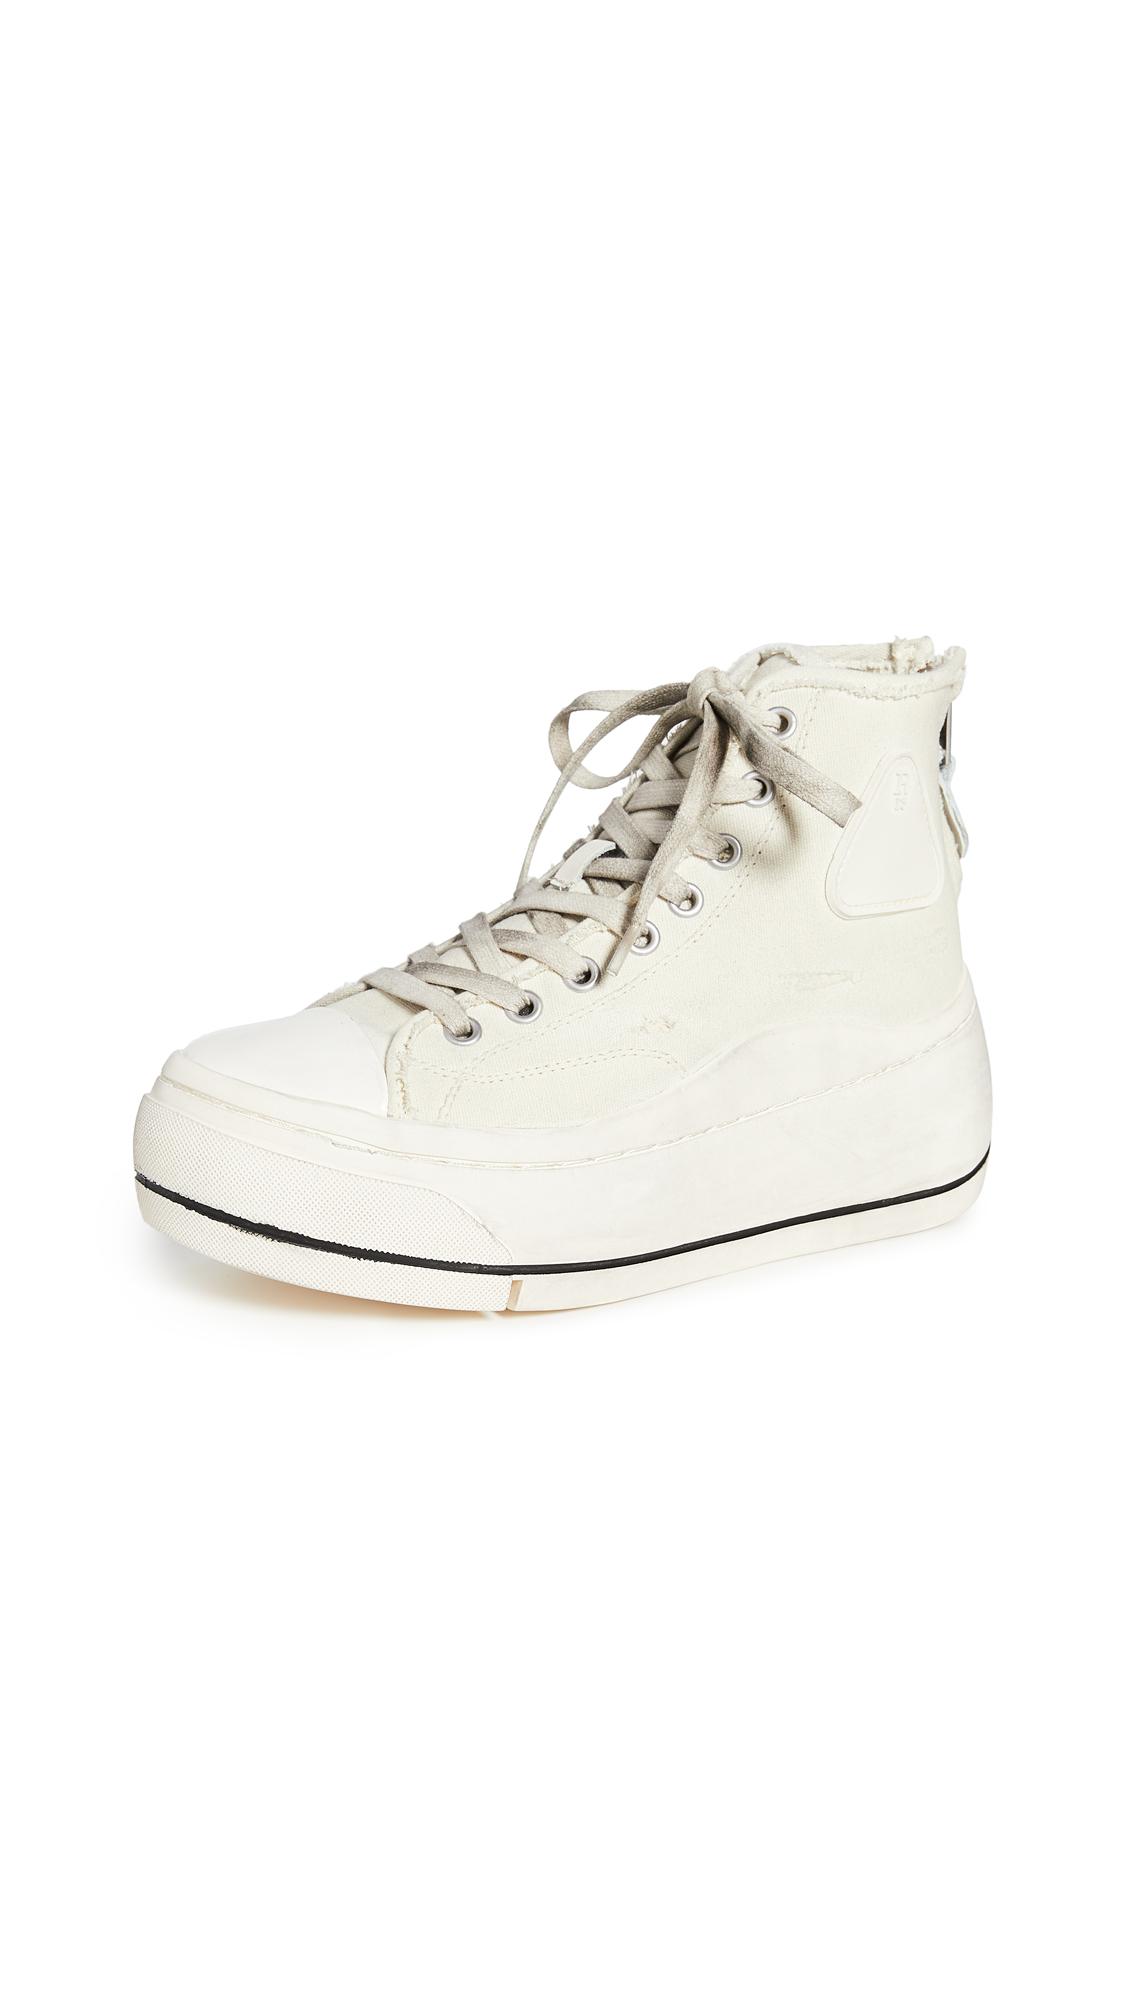 Buy R13 High Top Sneakers online, shop R13